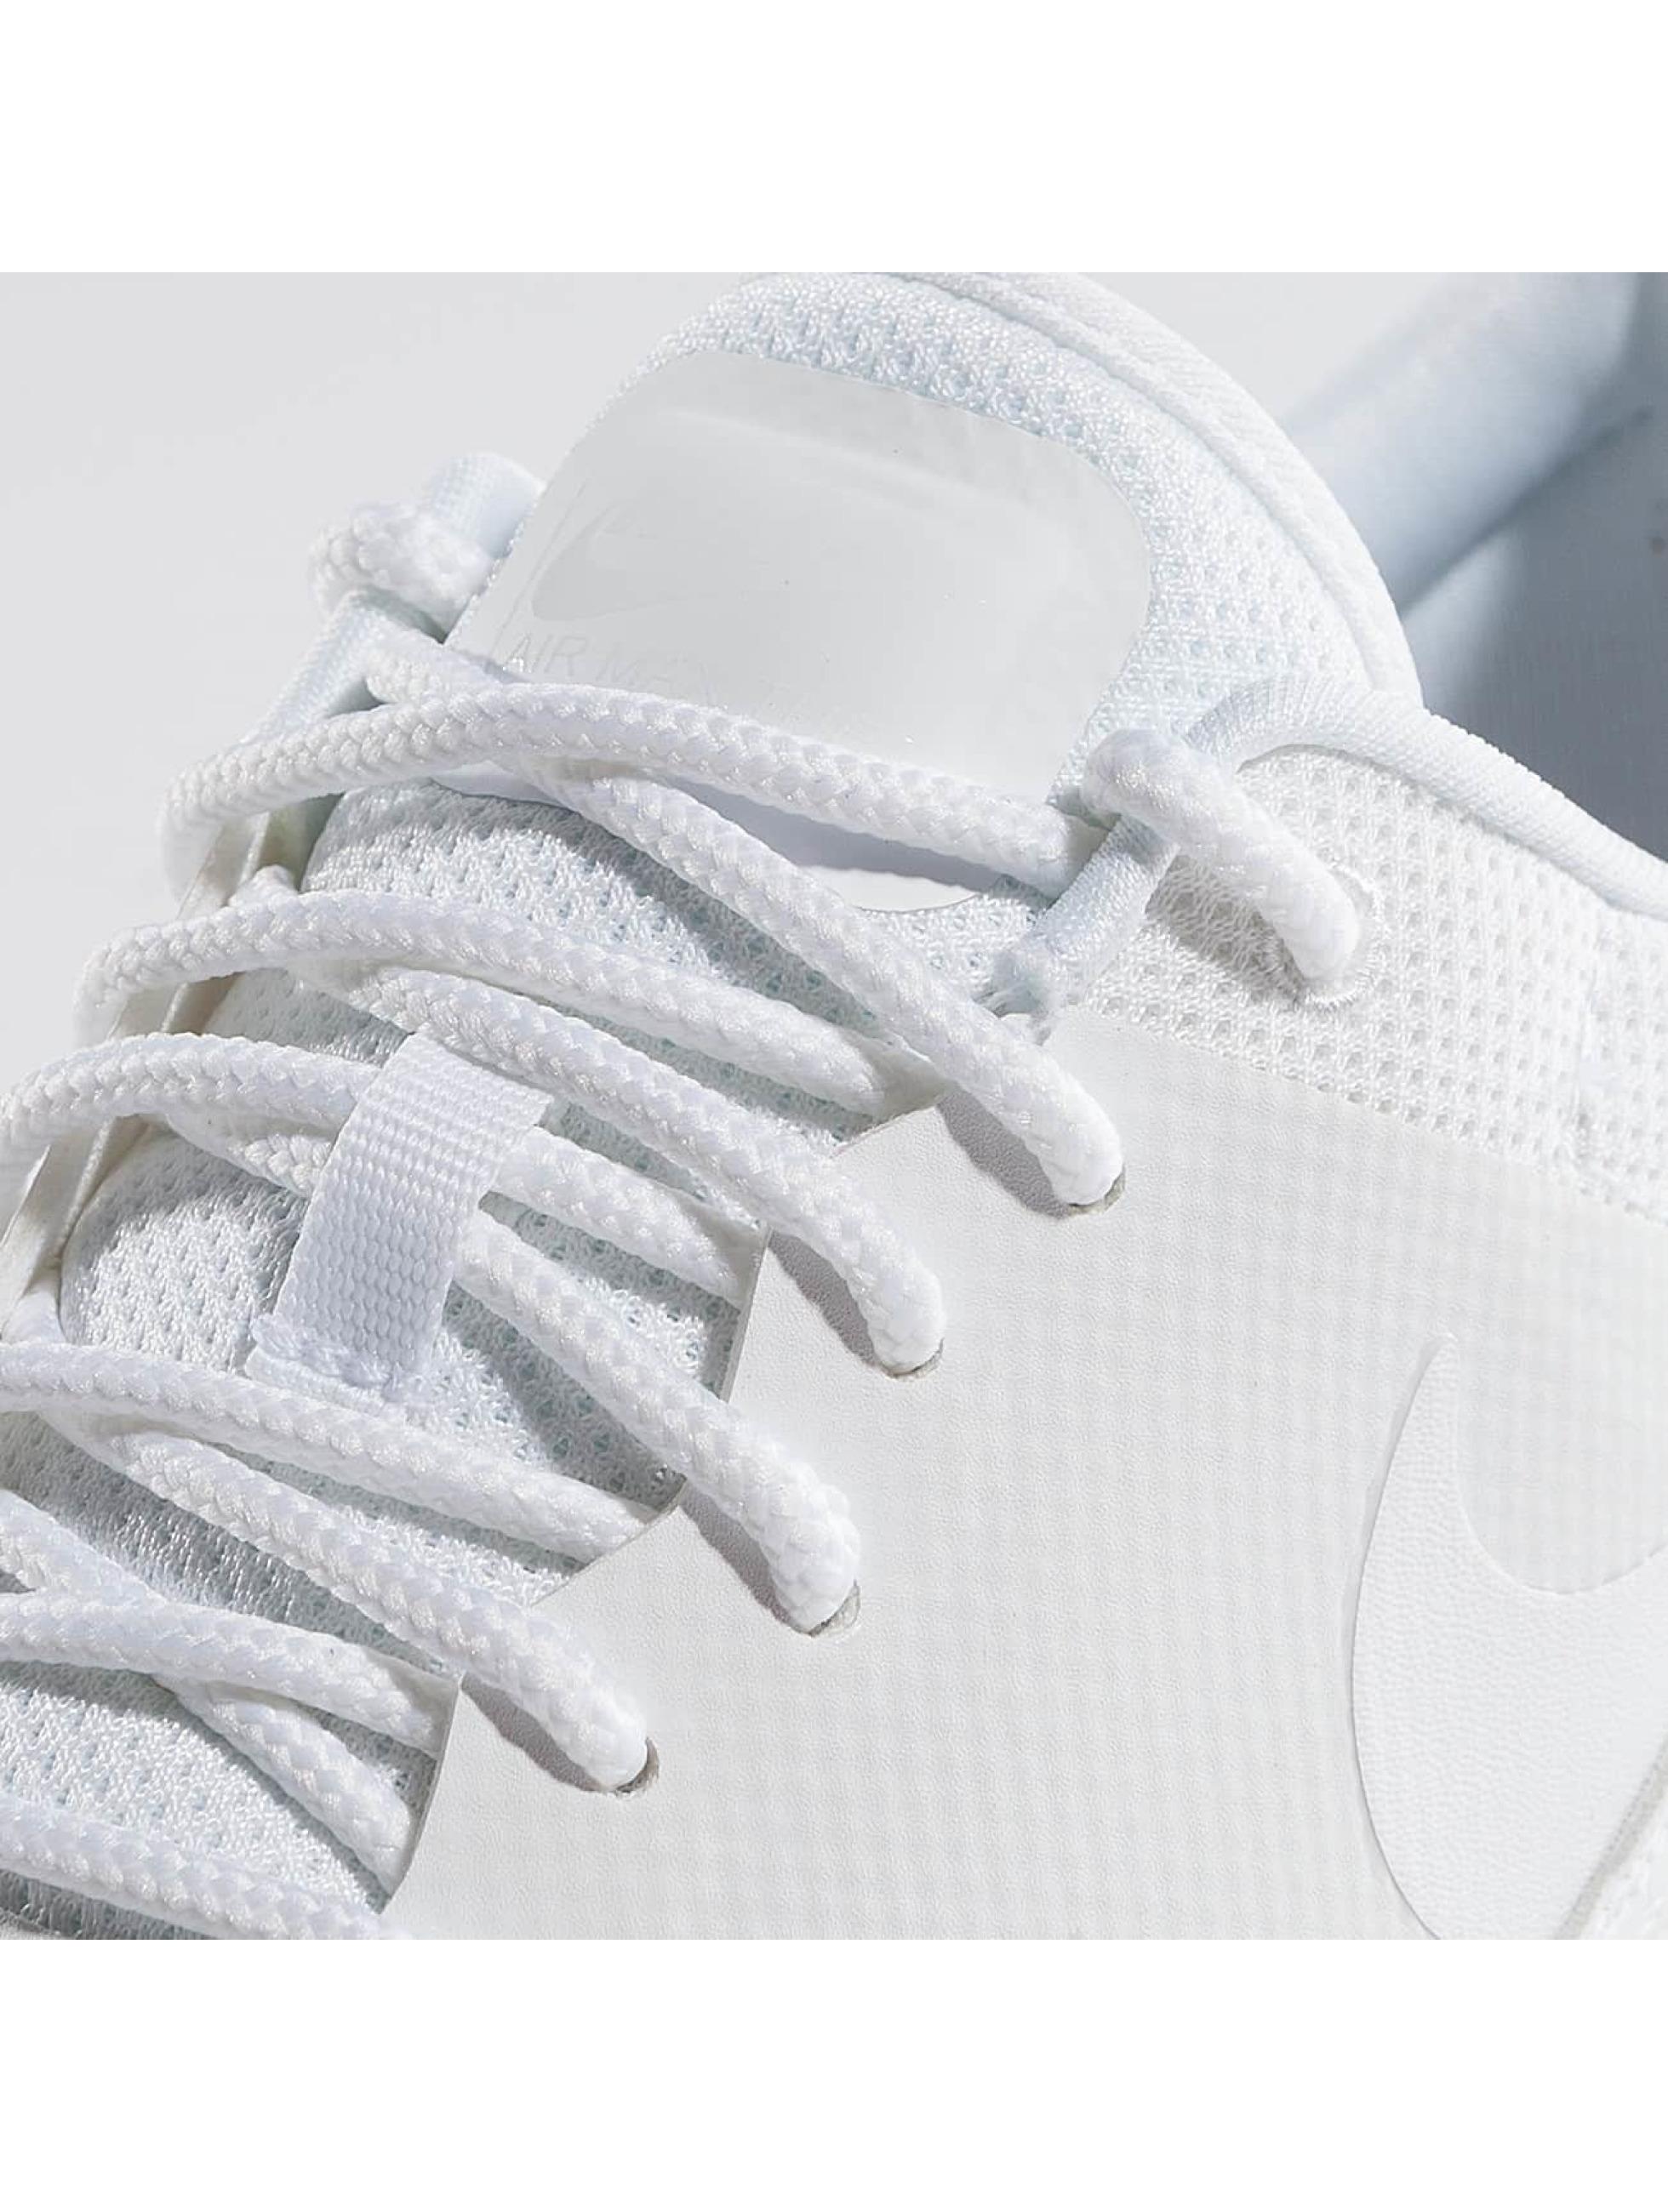 Nike Zapatillas de deporte Air Max Thea blanco